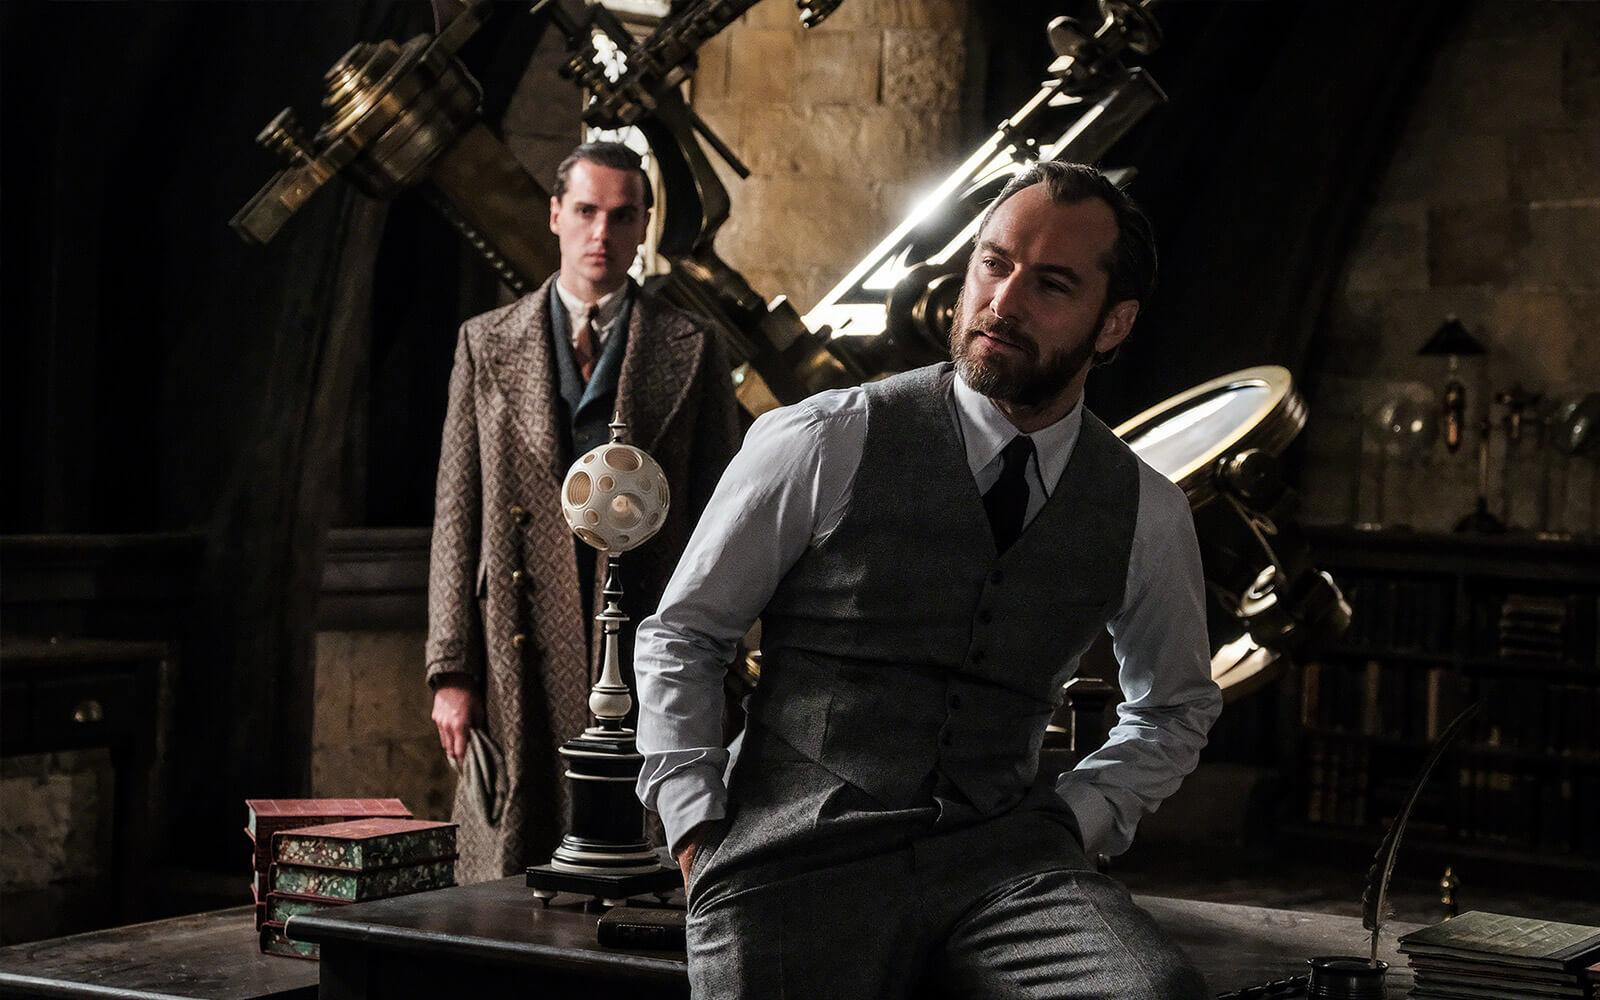 """Третий фильм серии """"Fantastic Beasts"""" получил подзаголовок """"The Secrets of Dumbledore"""", его премьера состоится 15 апреля 2022 года (на три месяца раньше, чем ожидалось) - ITC.ua"""